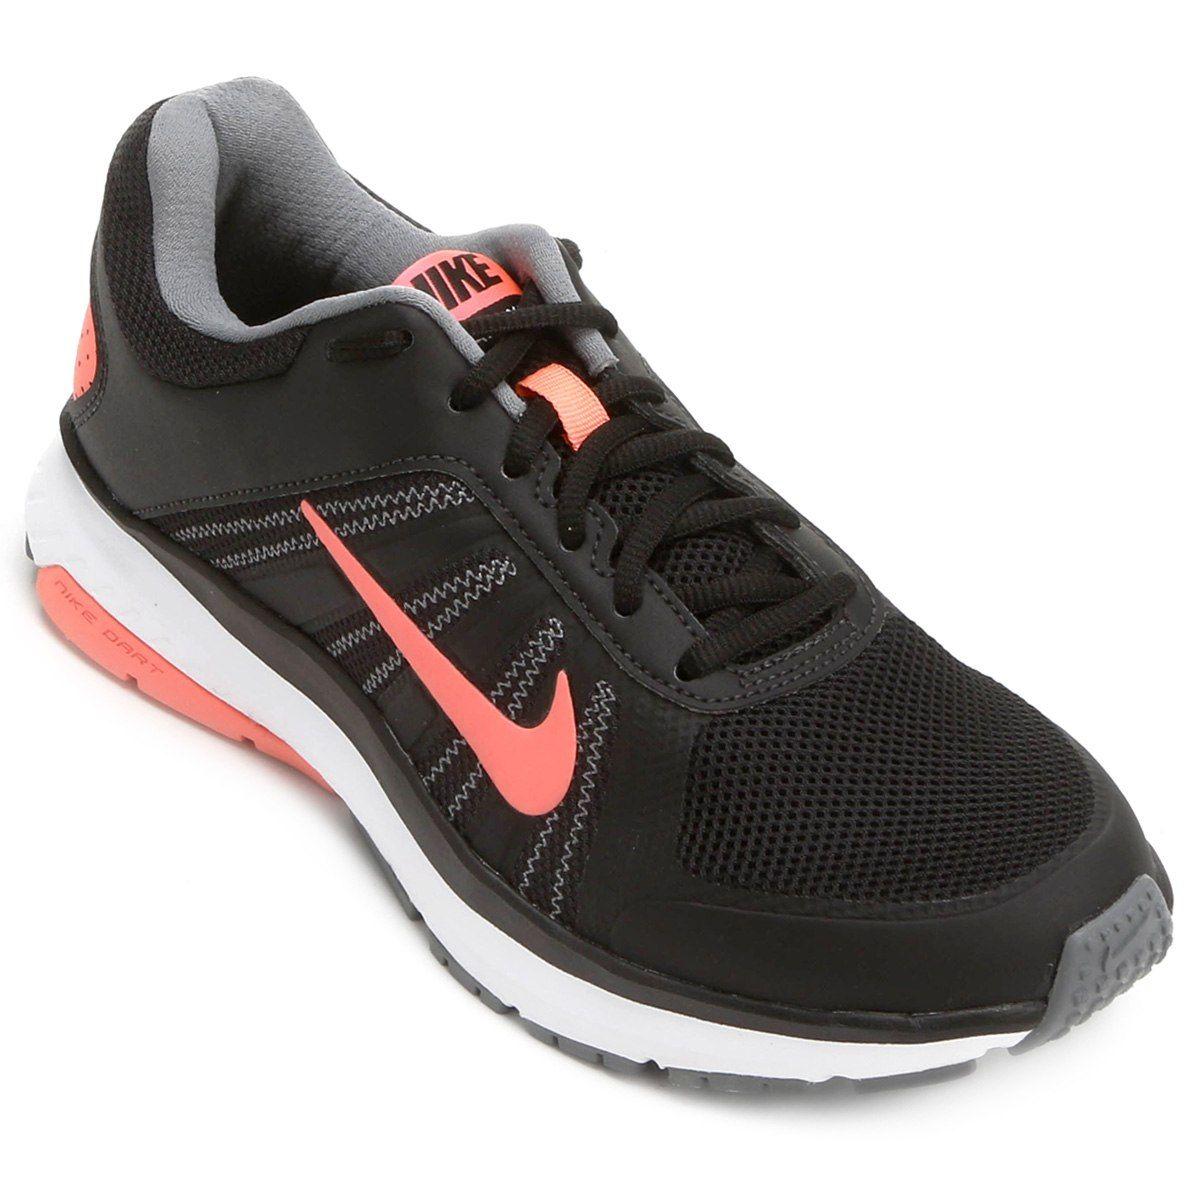 1d29ac999751d Tênis Nike Dart 12 MSL Feminino - Preto e Salmão